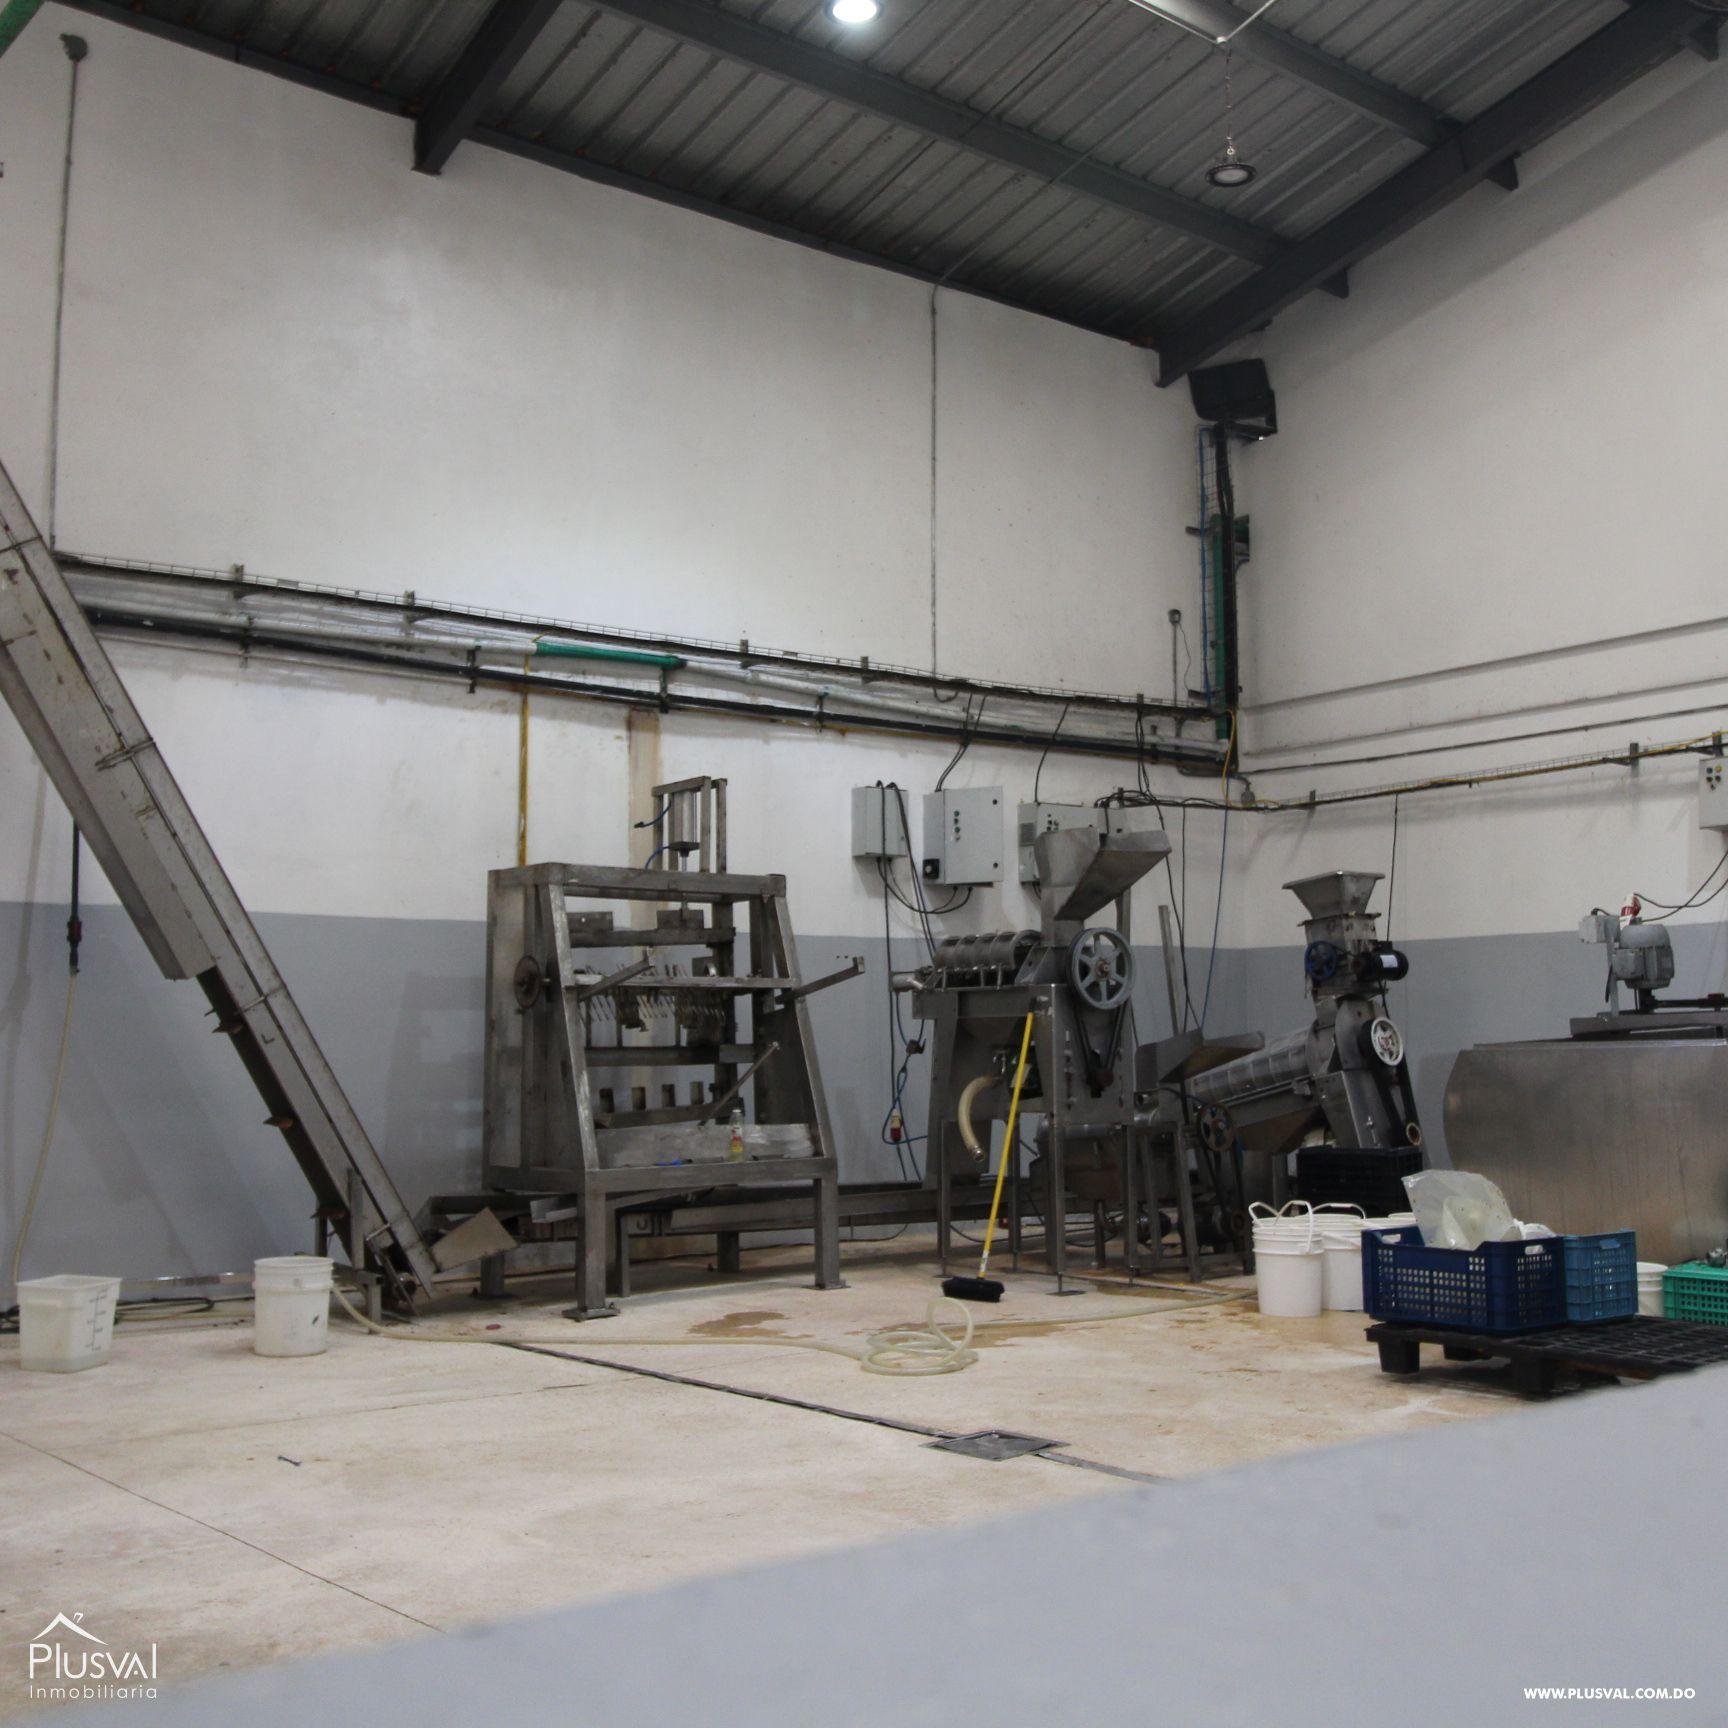 Nave industrial y procesadora de jugo en venta, Los Frailes 173412